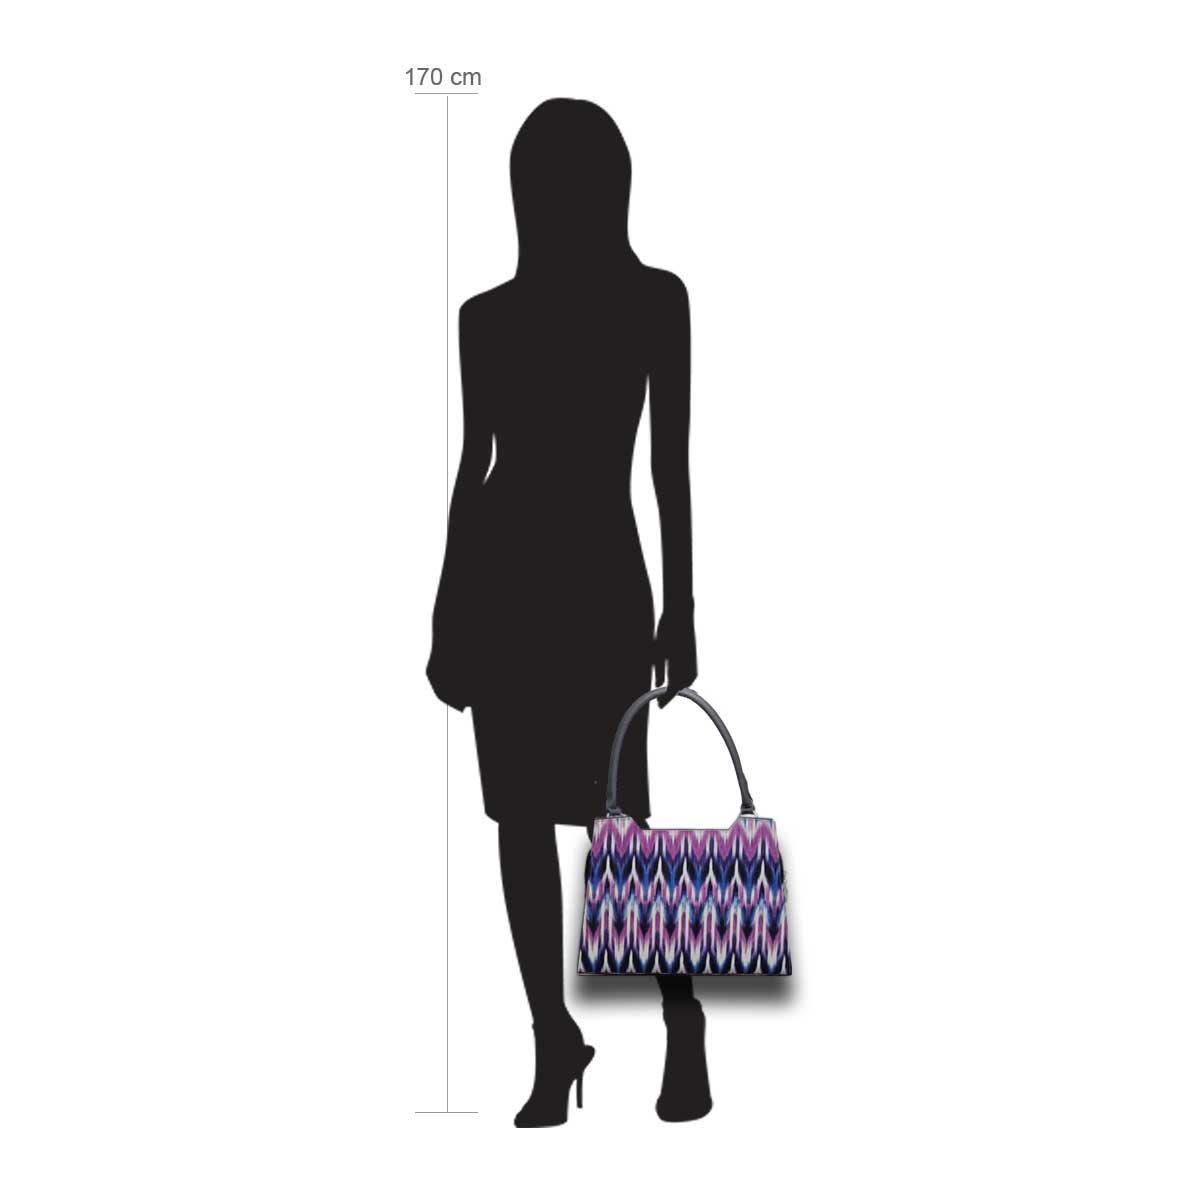 Puppe 170 cm groß zeigt die Taschengröße an . Modell: Niagara